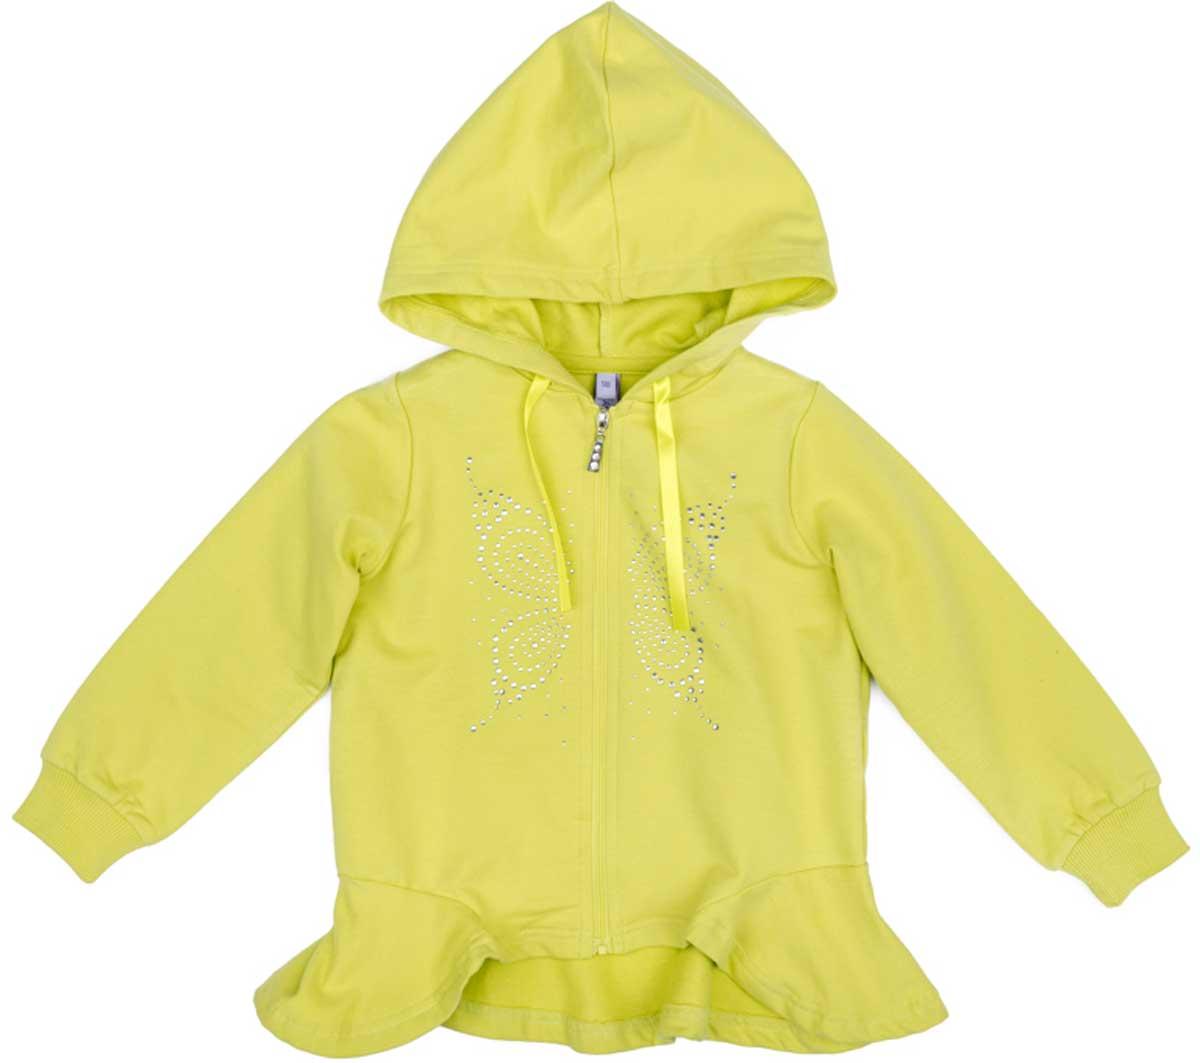 Толстовка для девочки PlayToday, цвет: светло-желтый. 172113. Размер 128172113Толстовка PlayToday из натурального материала на застежке - молнии прекрасно подойдет для прохладной погоды. Манжеты отделаны мягкими резинками. Необычный крой изделия понравится вашему ребенку. Модель с капюшоном, который регулируется шнуром - кулиской.